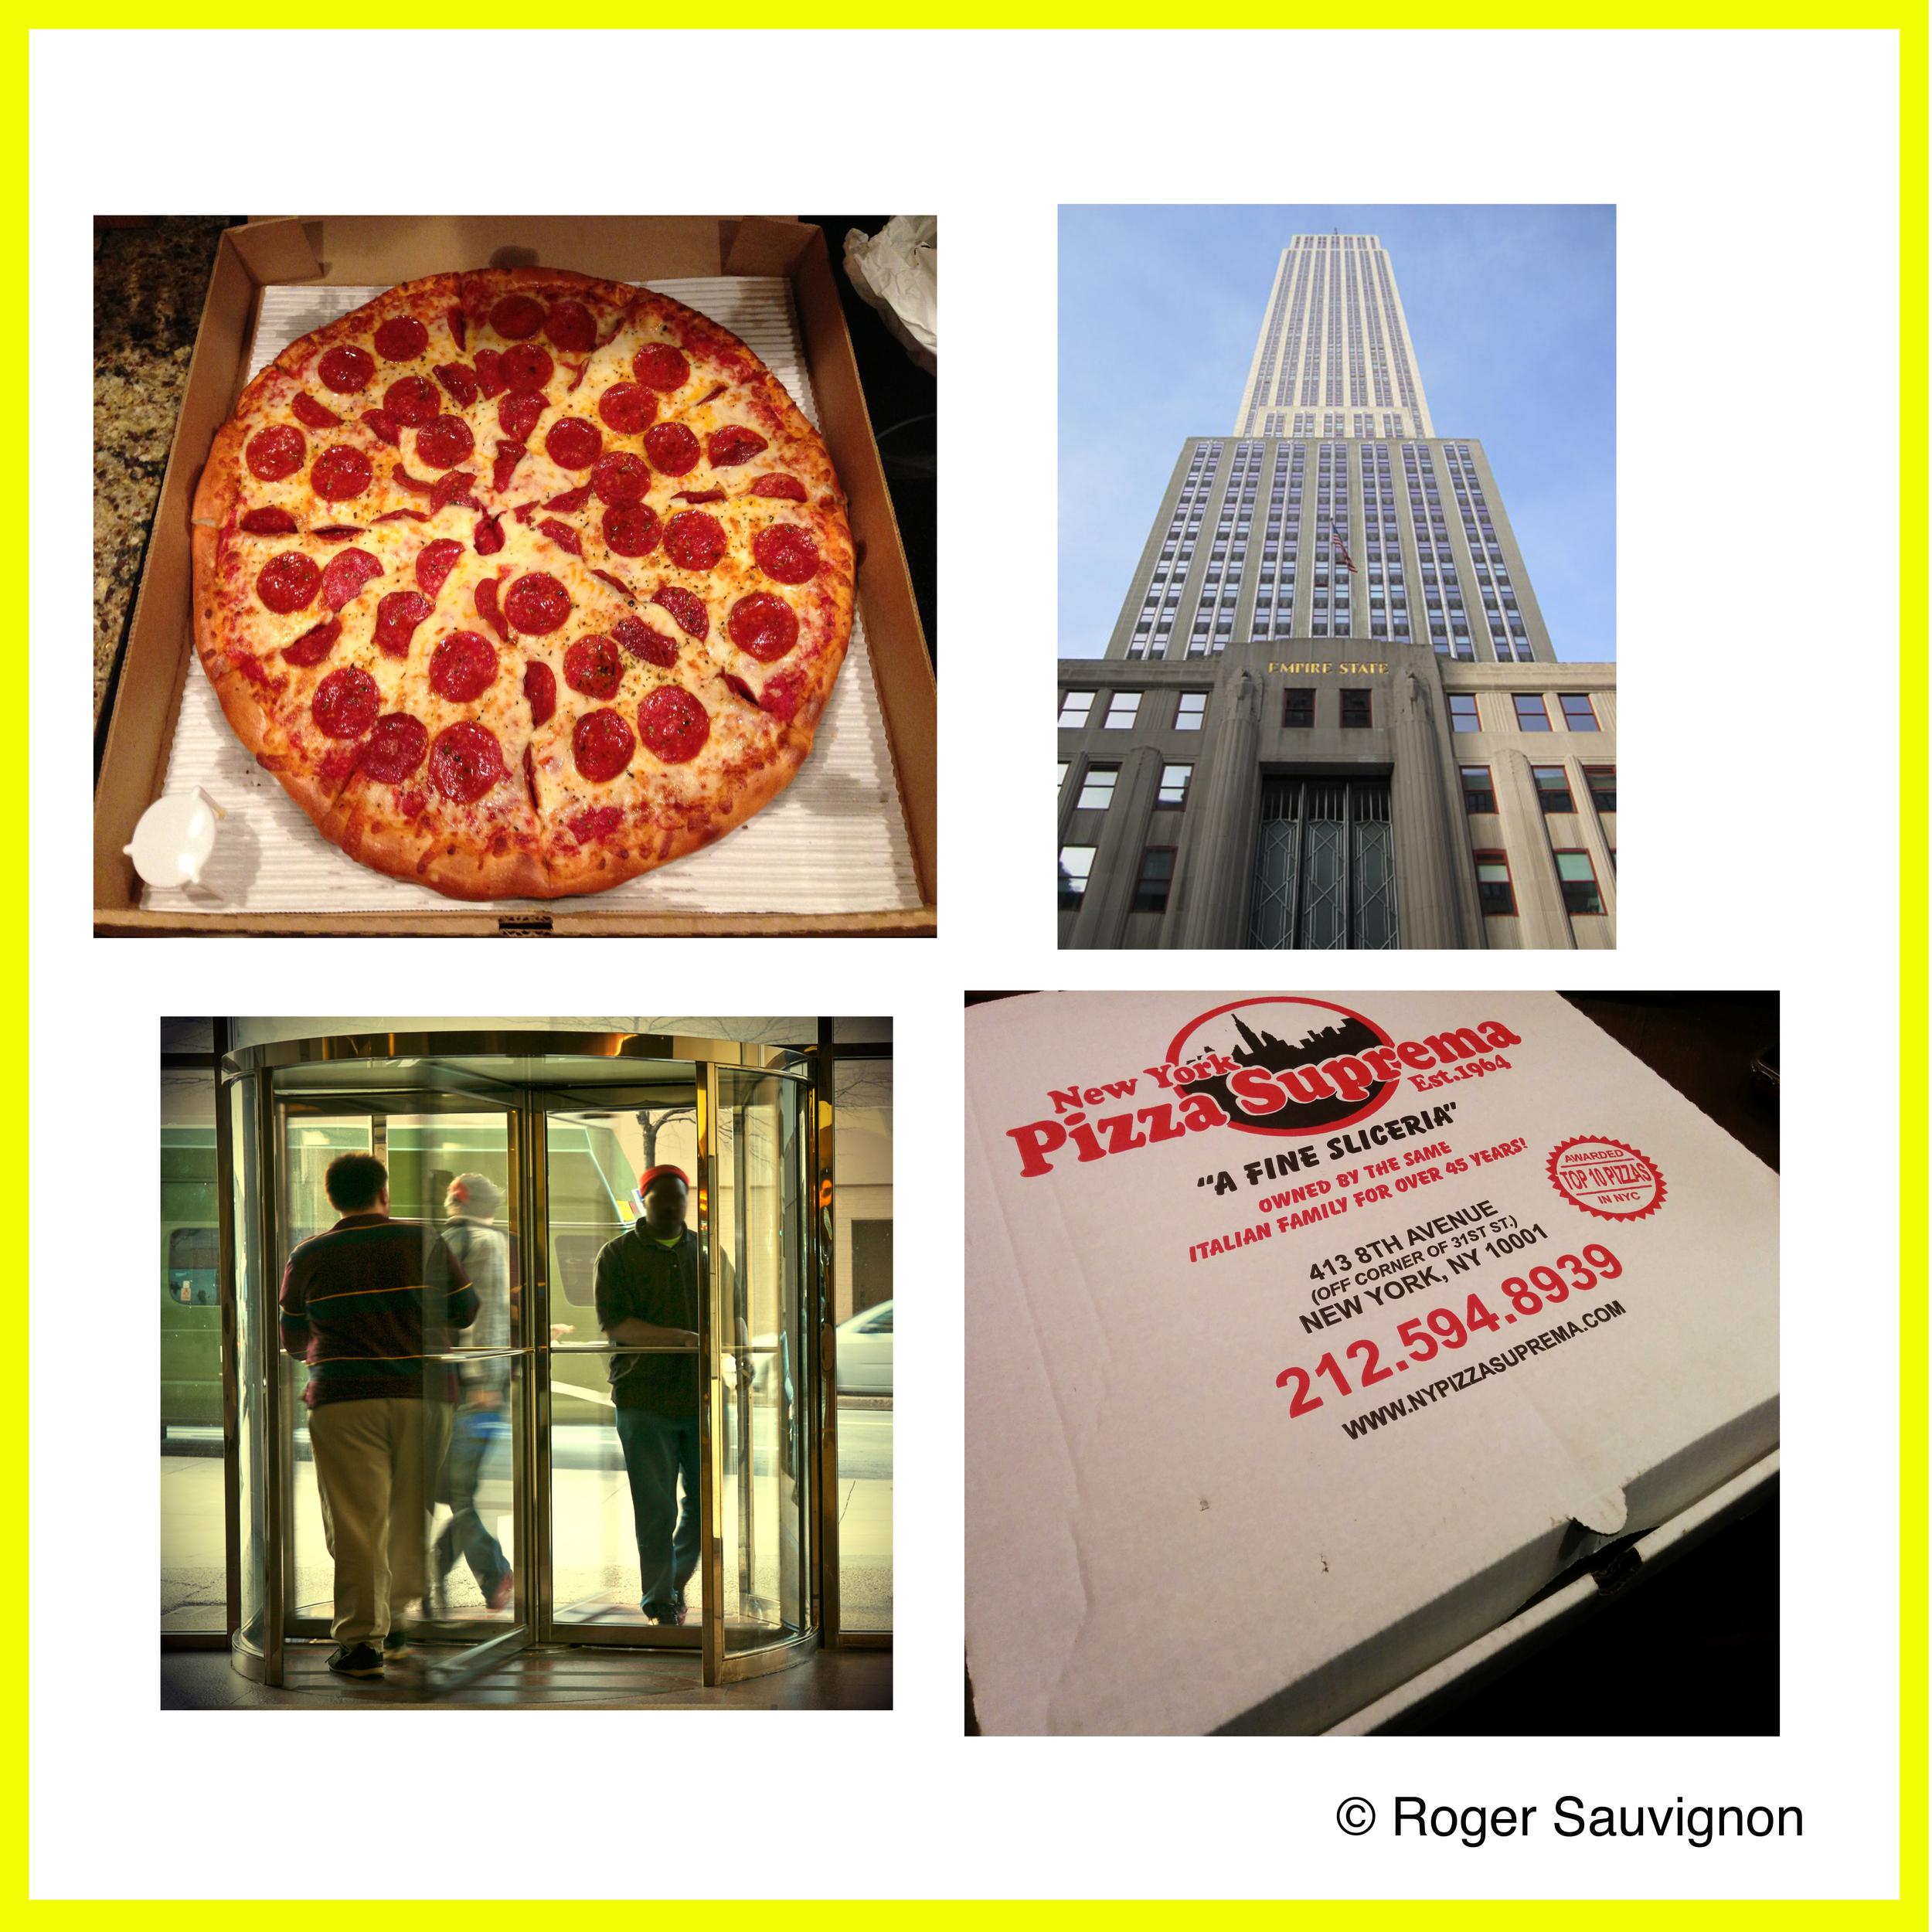 5_pizzabuilding.jpg